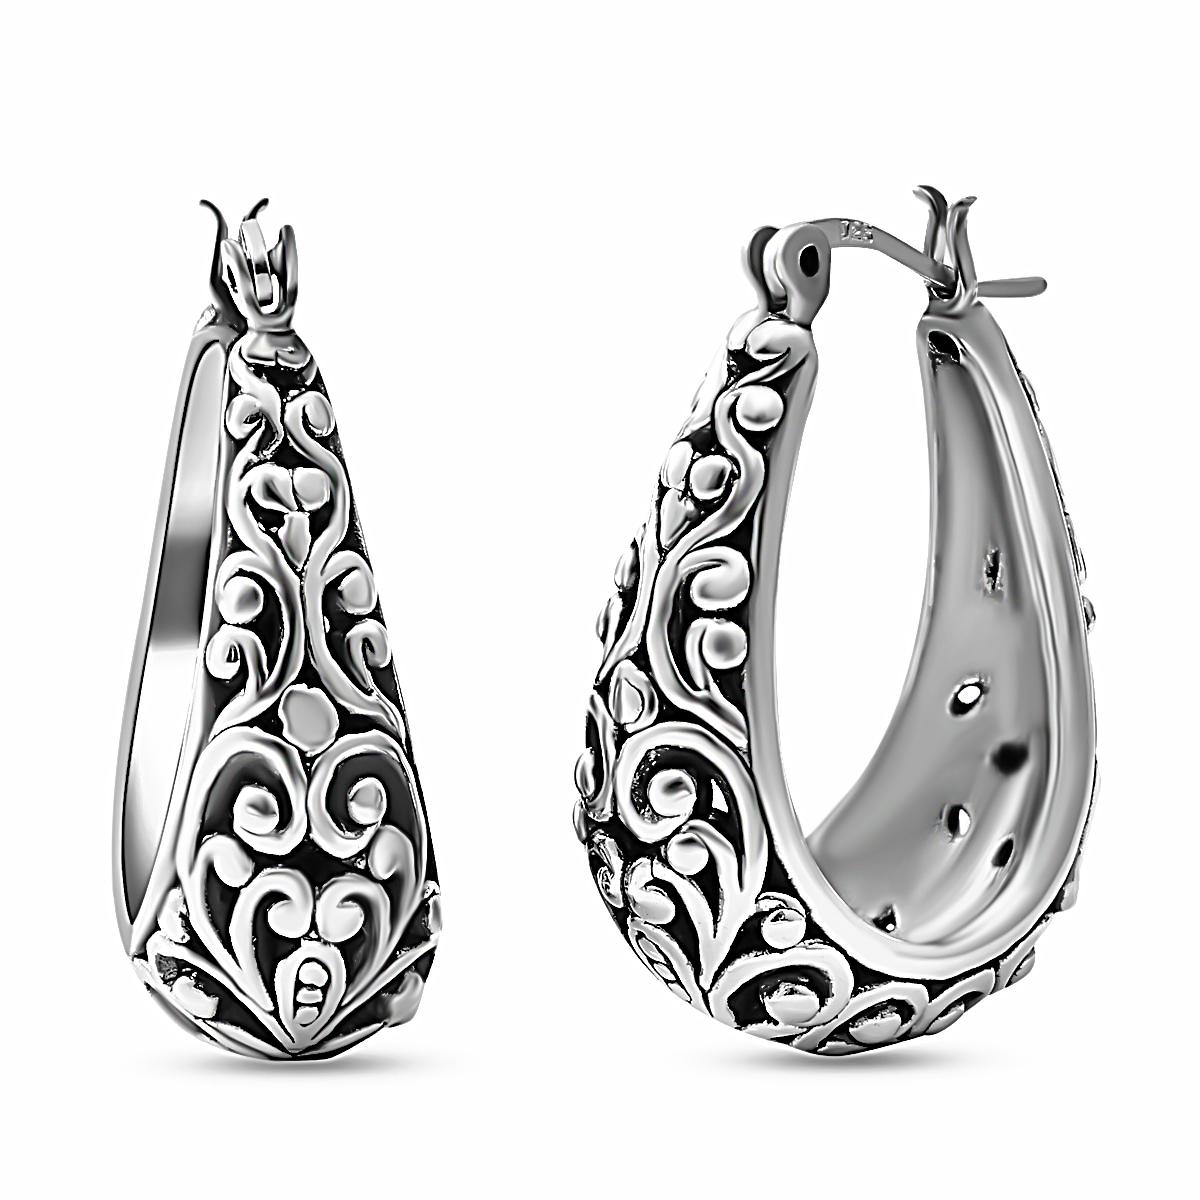 7897bd40cfeab Basket Hoop Earrings - Best All Earring Photos Kamilmaciol.Com